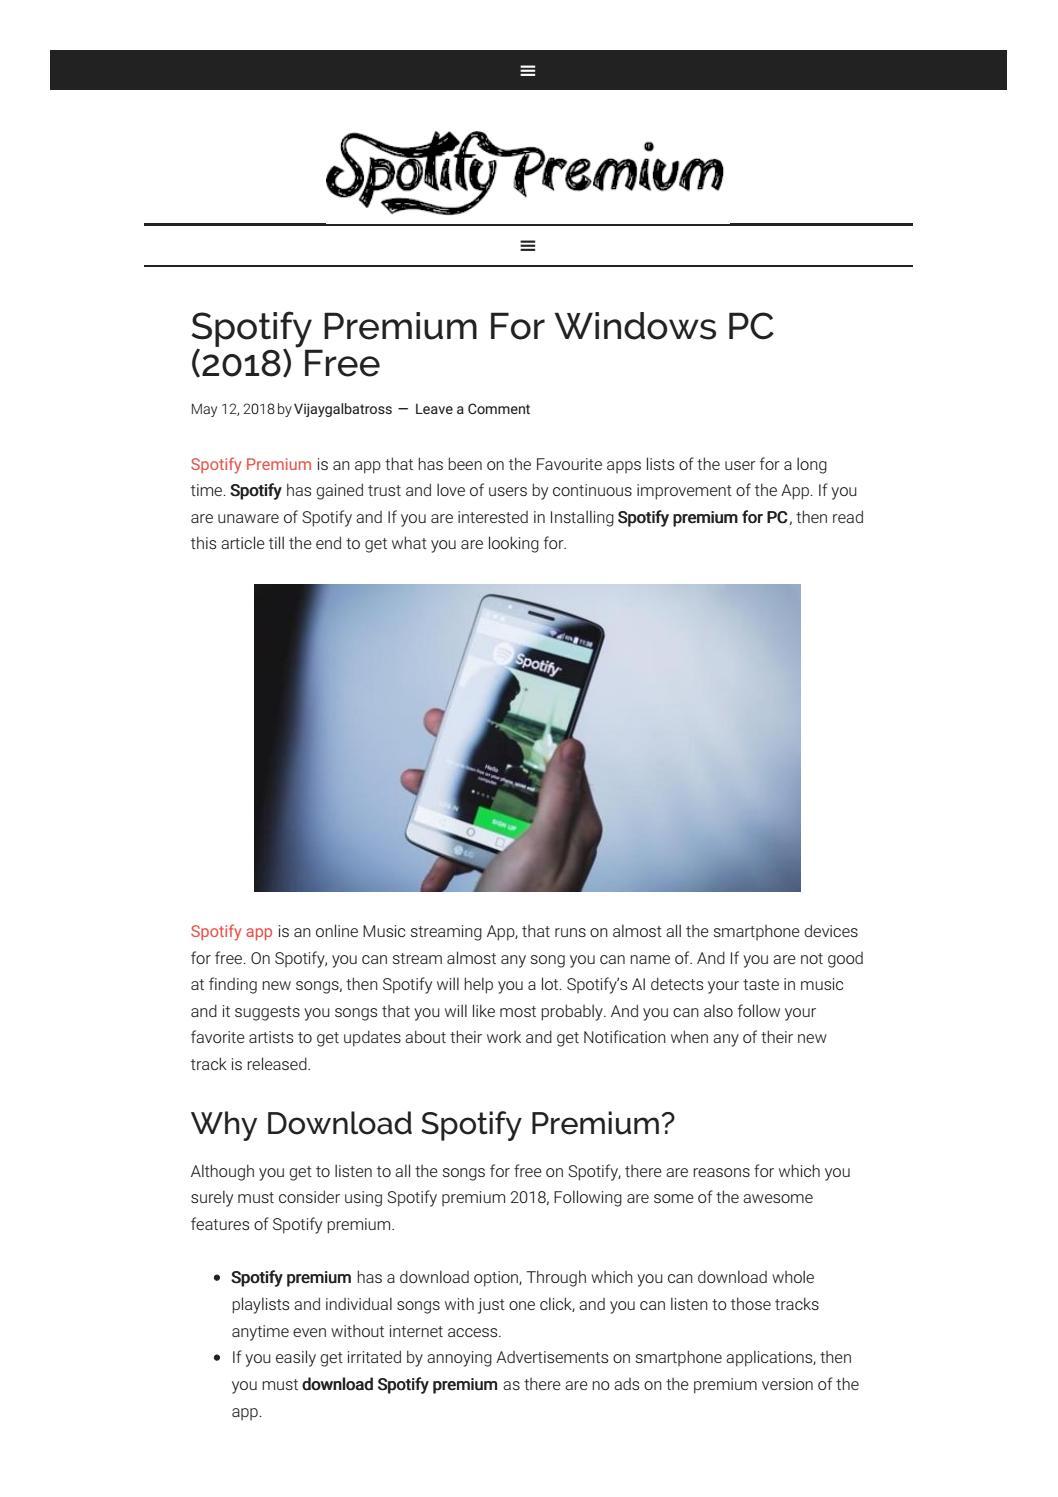 spotify no ads apk 2018